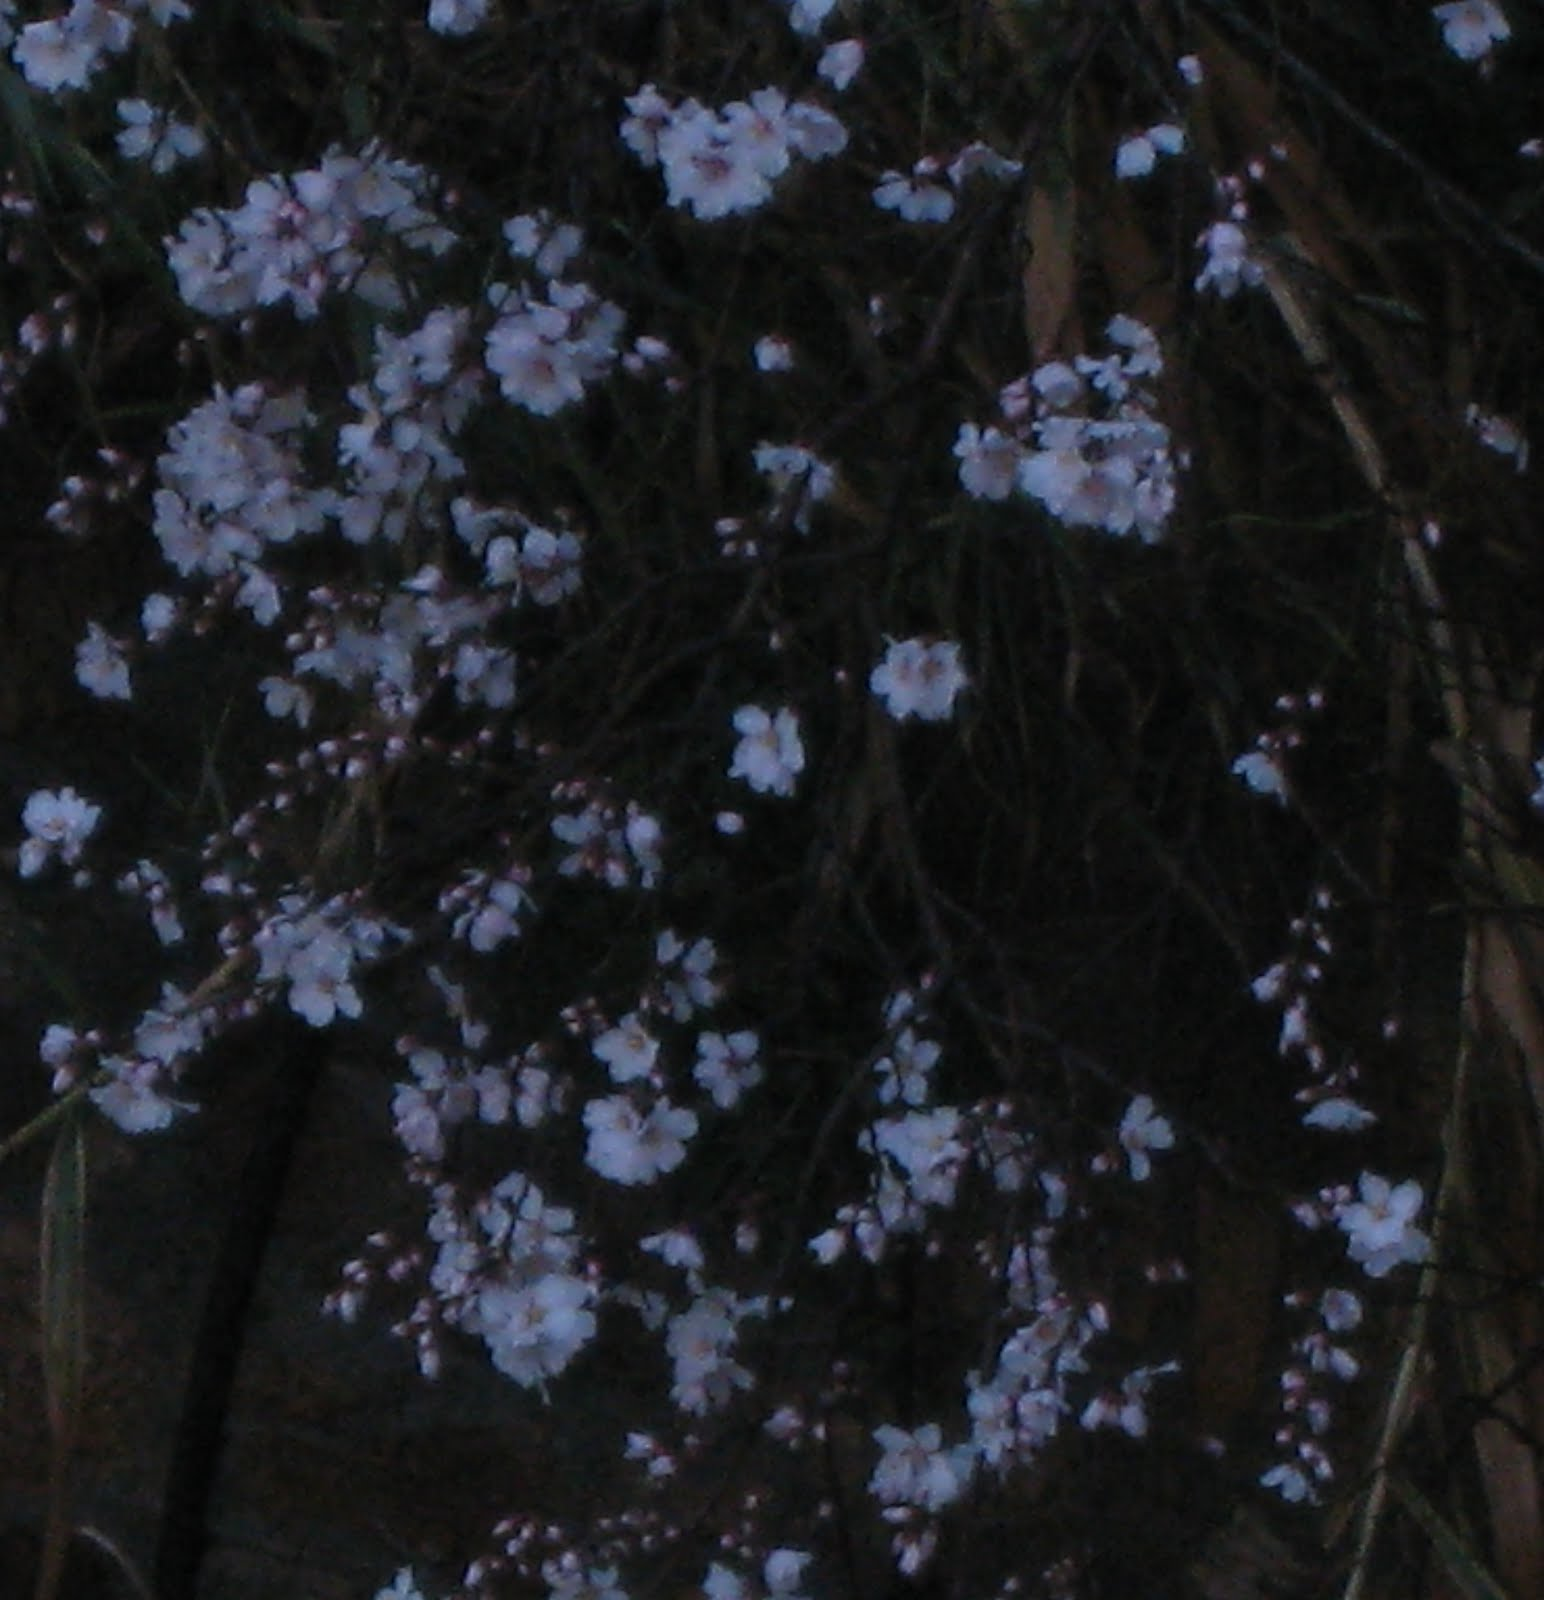 Giardino Cosa Piantare A Febbraio: Fiori Del Mio Giardino: RIFIORIRE